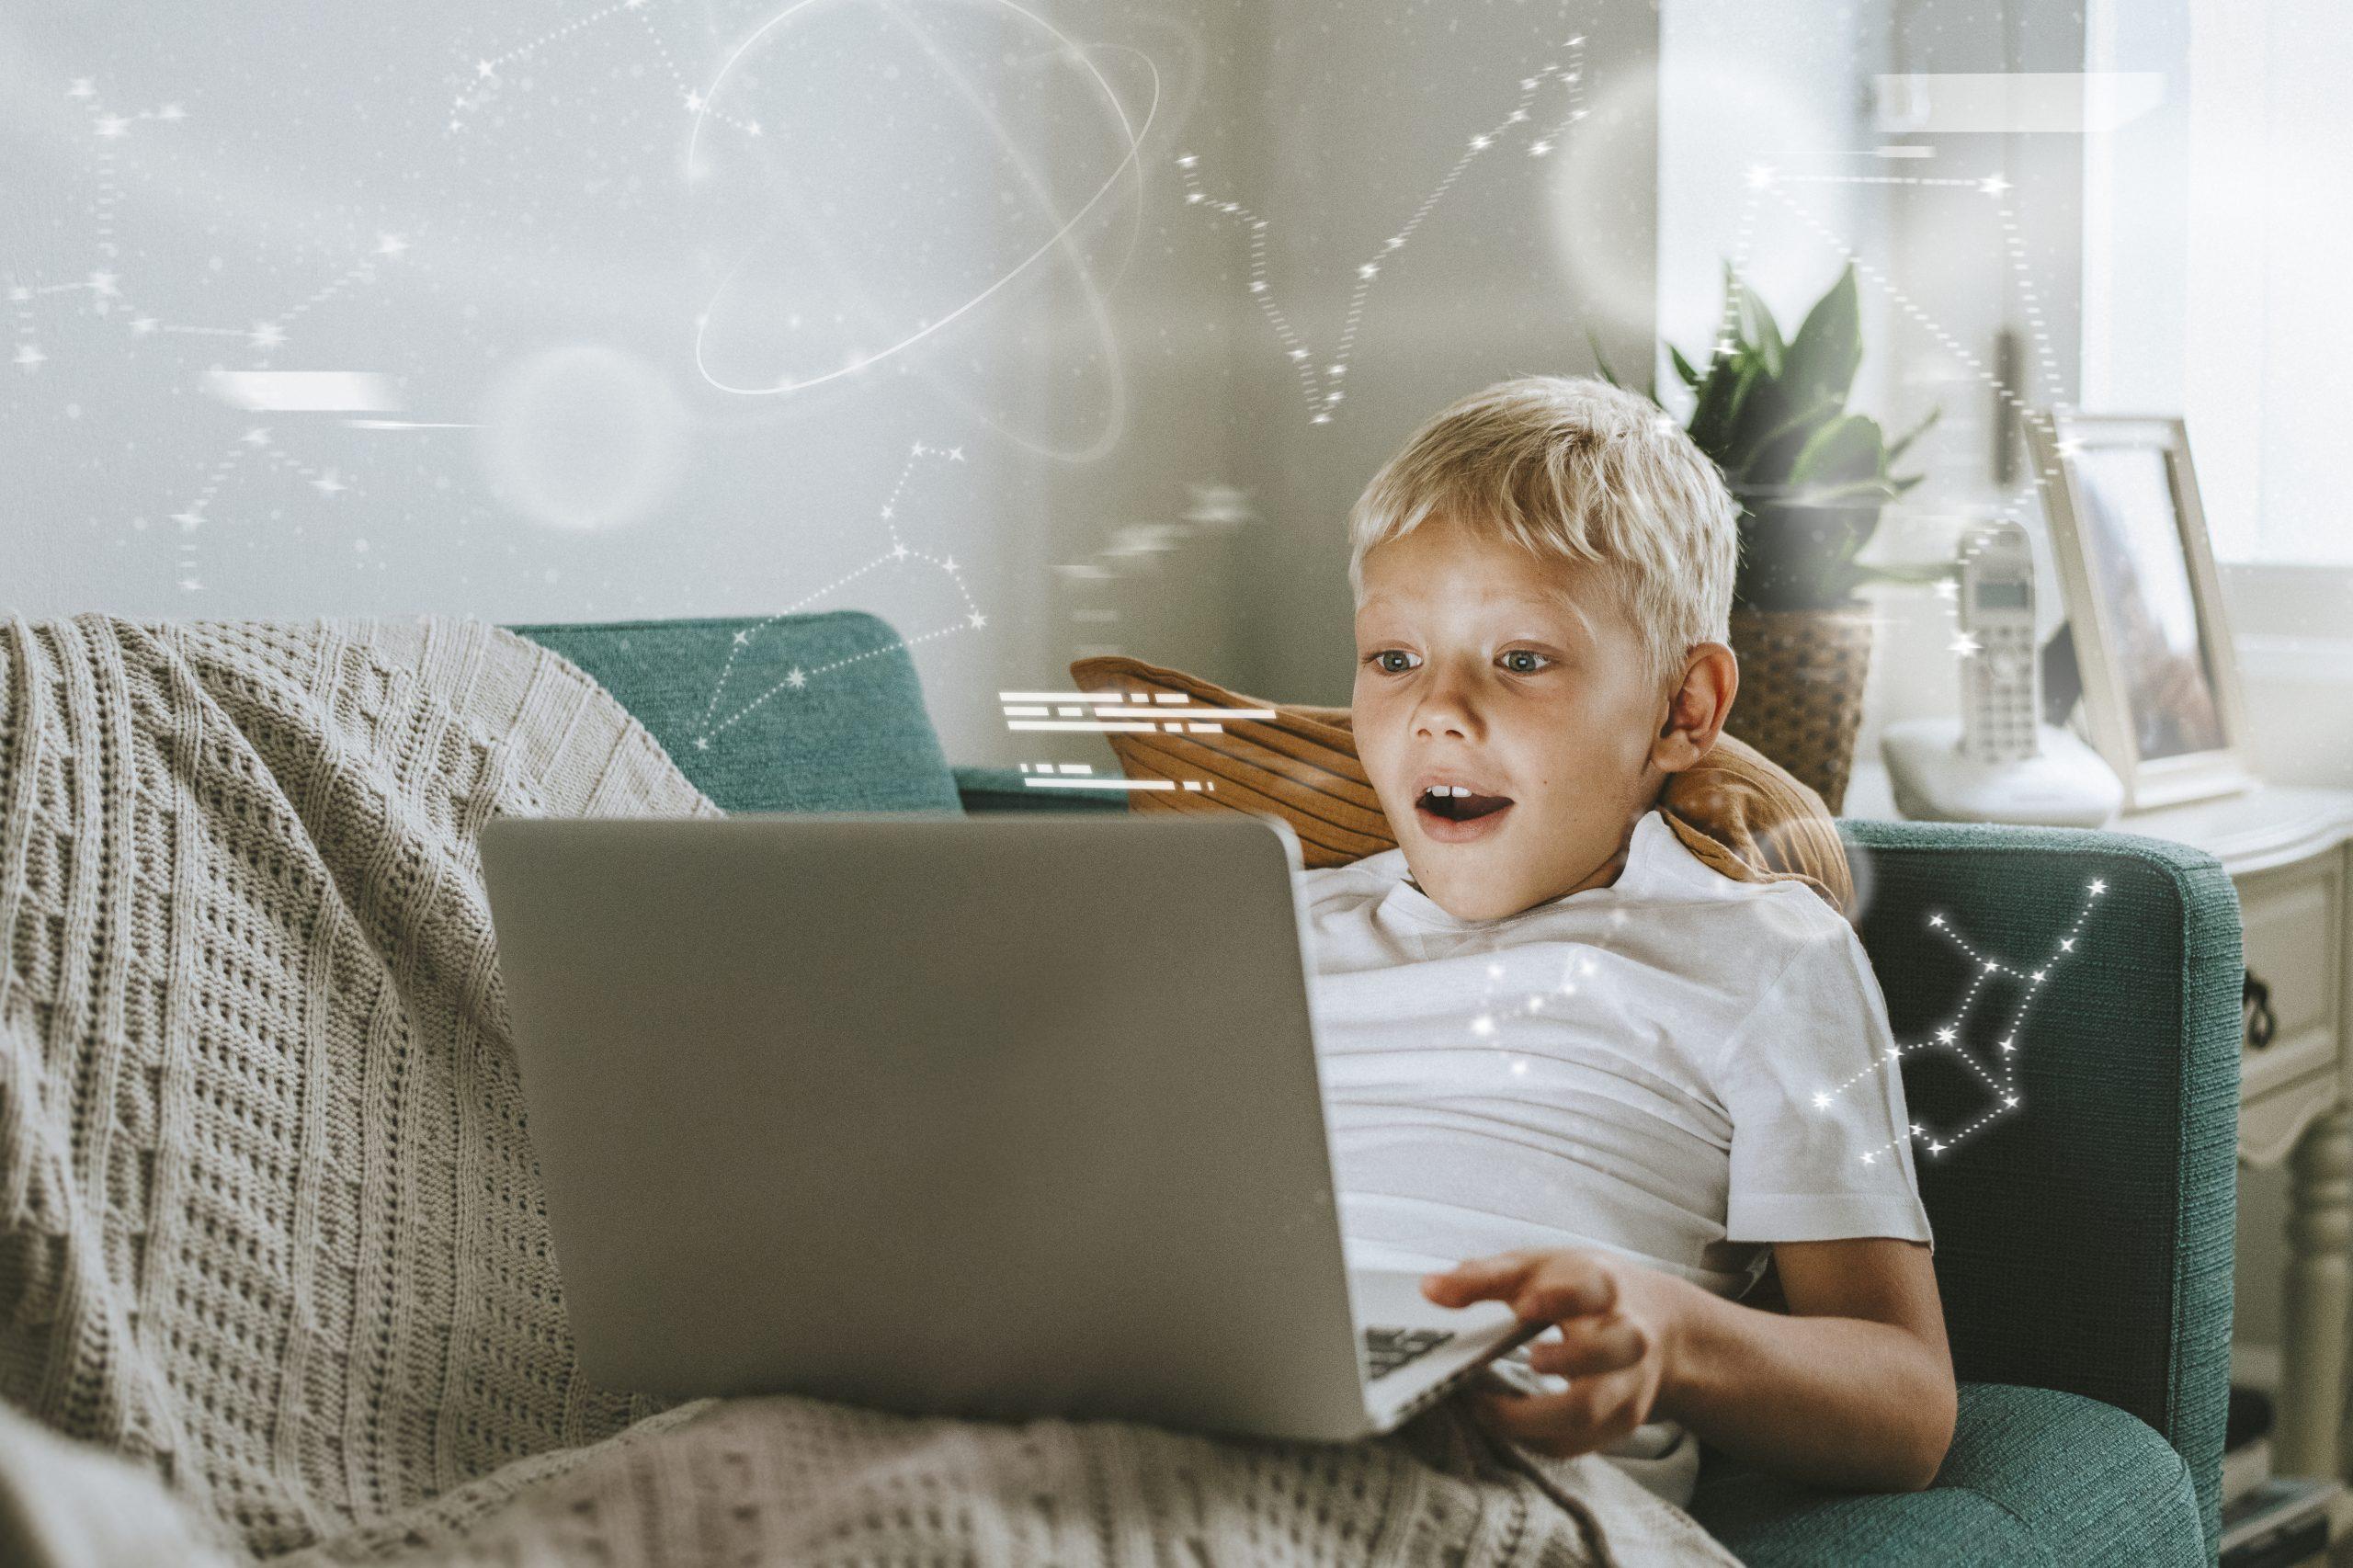 10 Trang Web Tuyệt Vời Để Con Khám Phá Khoa Học Tại Nhà